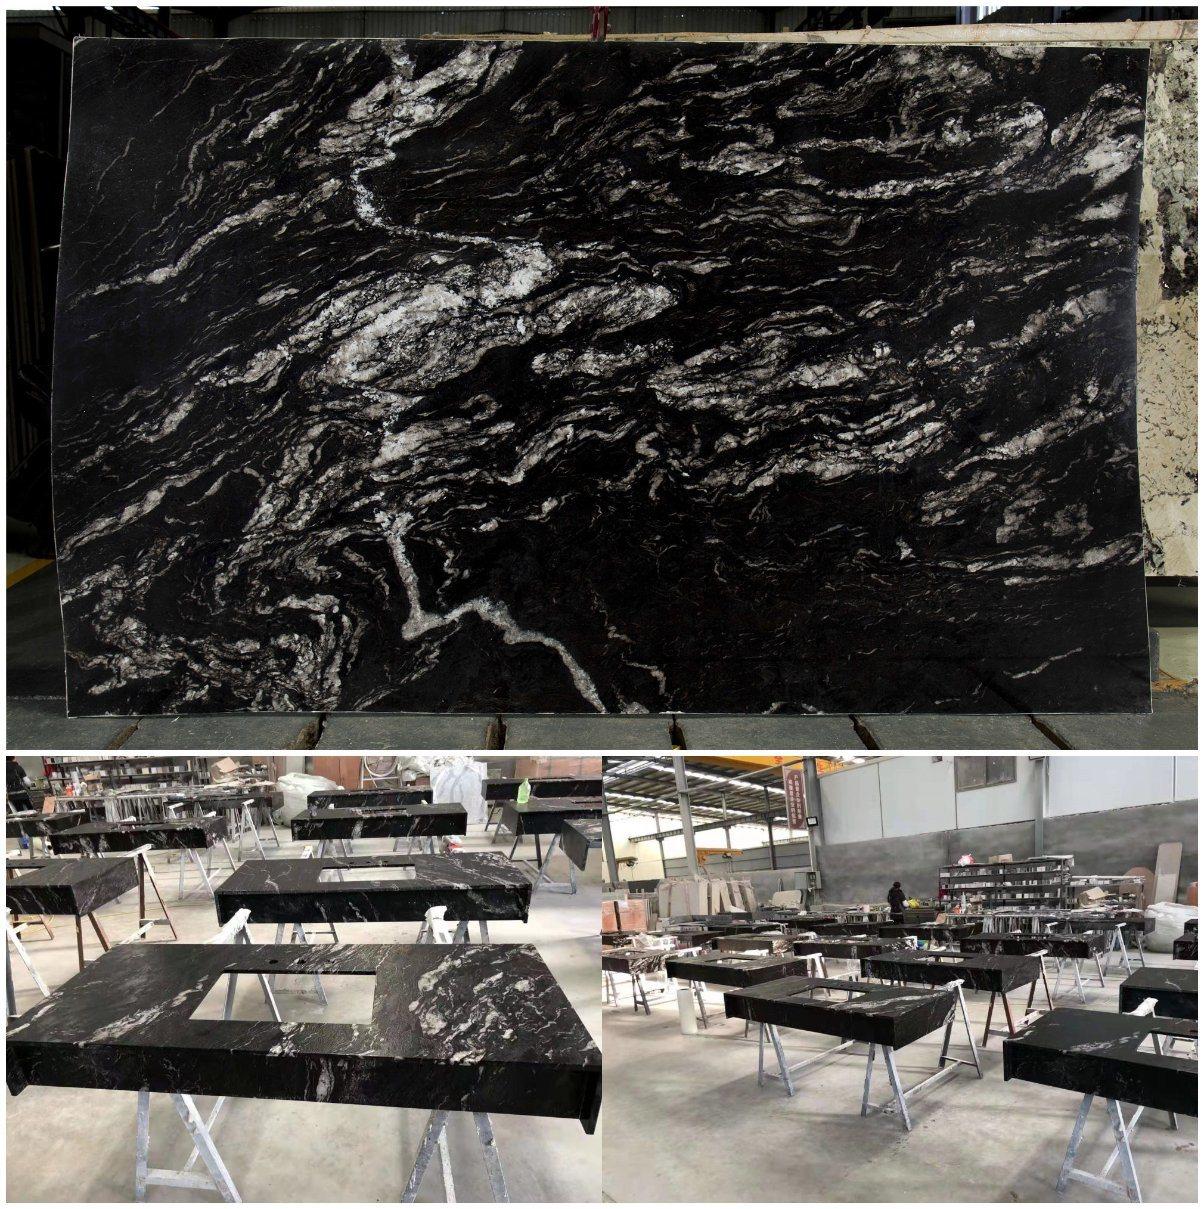 중국 화이트/골드/화이트/레드/지알로/베르데/블루/브라운 스톤 슬랩 코즈믹 블랙 티타늄 그래나이트 카운터탑용 바닥 벽 타일